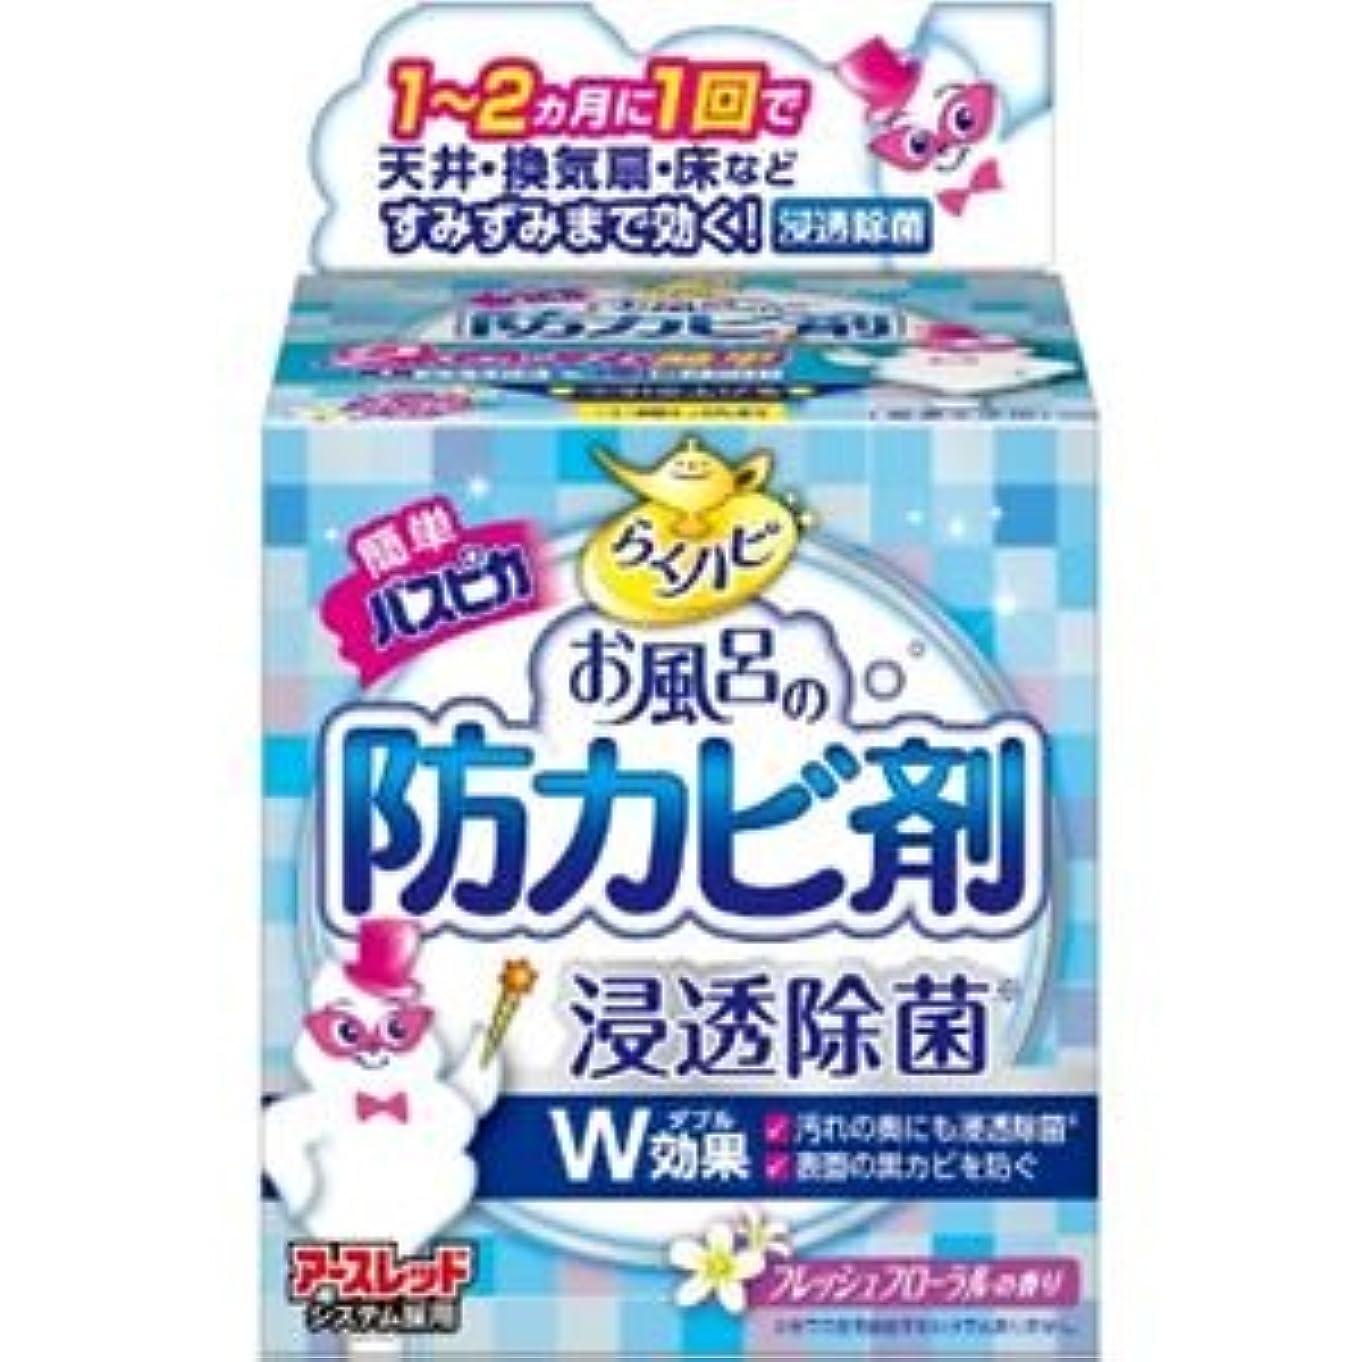 ハウス混乱させる関係(まとめ)アース製薬 らくハピお風呂の防カビ剤フローラルの香り 【×3点セット】